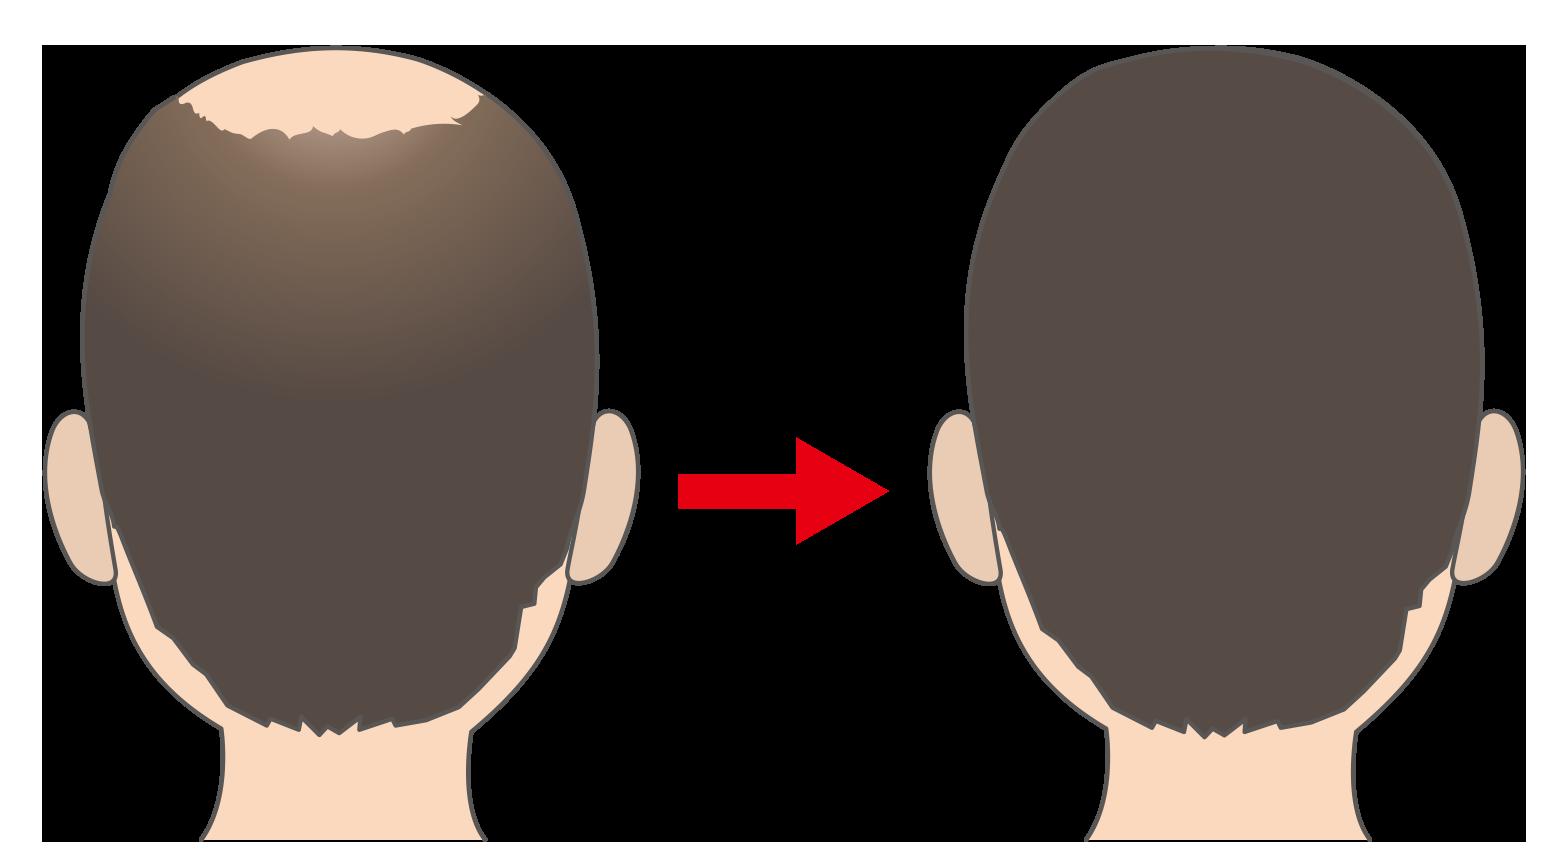 岡崎選手は頭皮の植毛で生え際を治療?